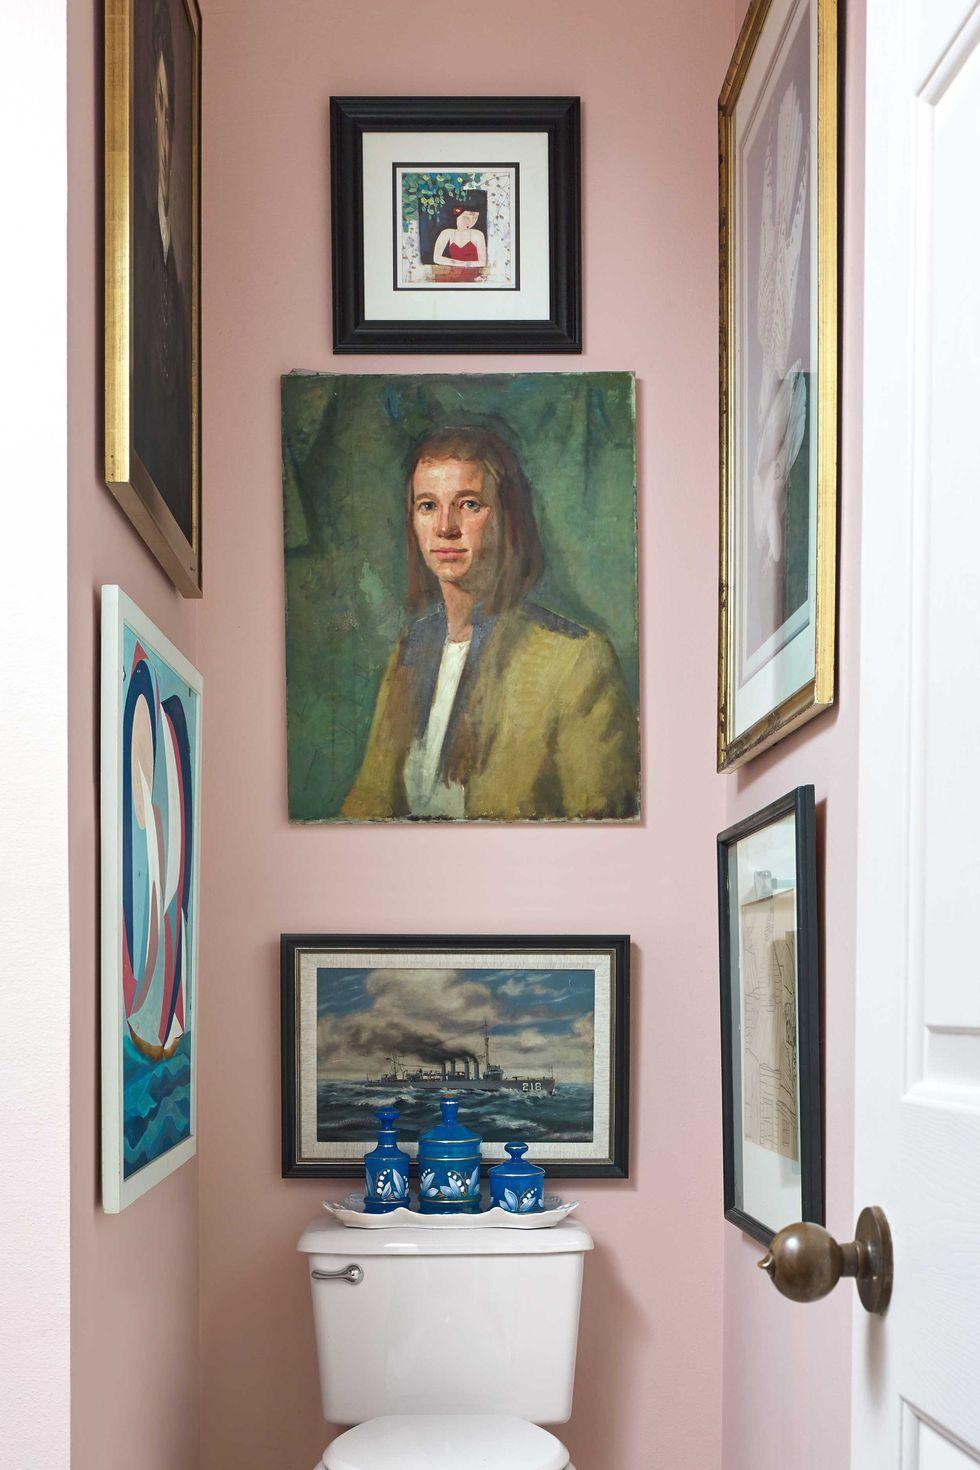 room, wall, bathroom, interior design, picture frame, bathroom accessory, house, shelf, home, art,